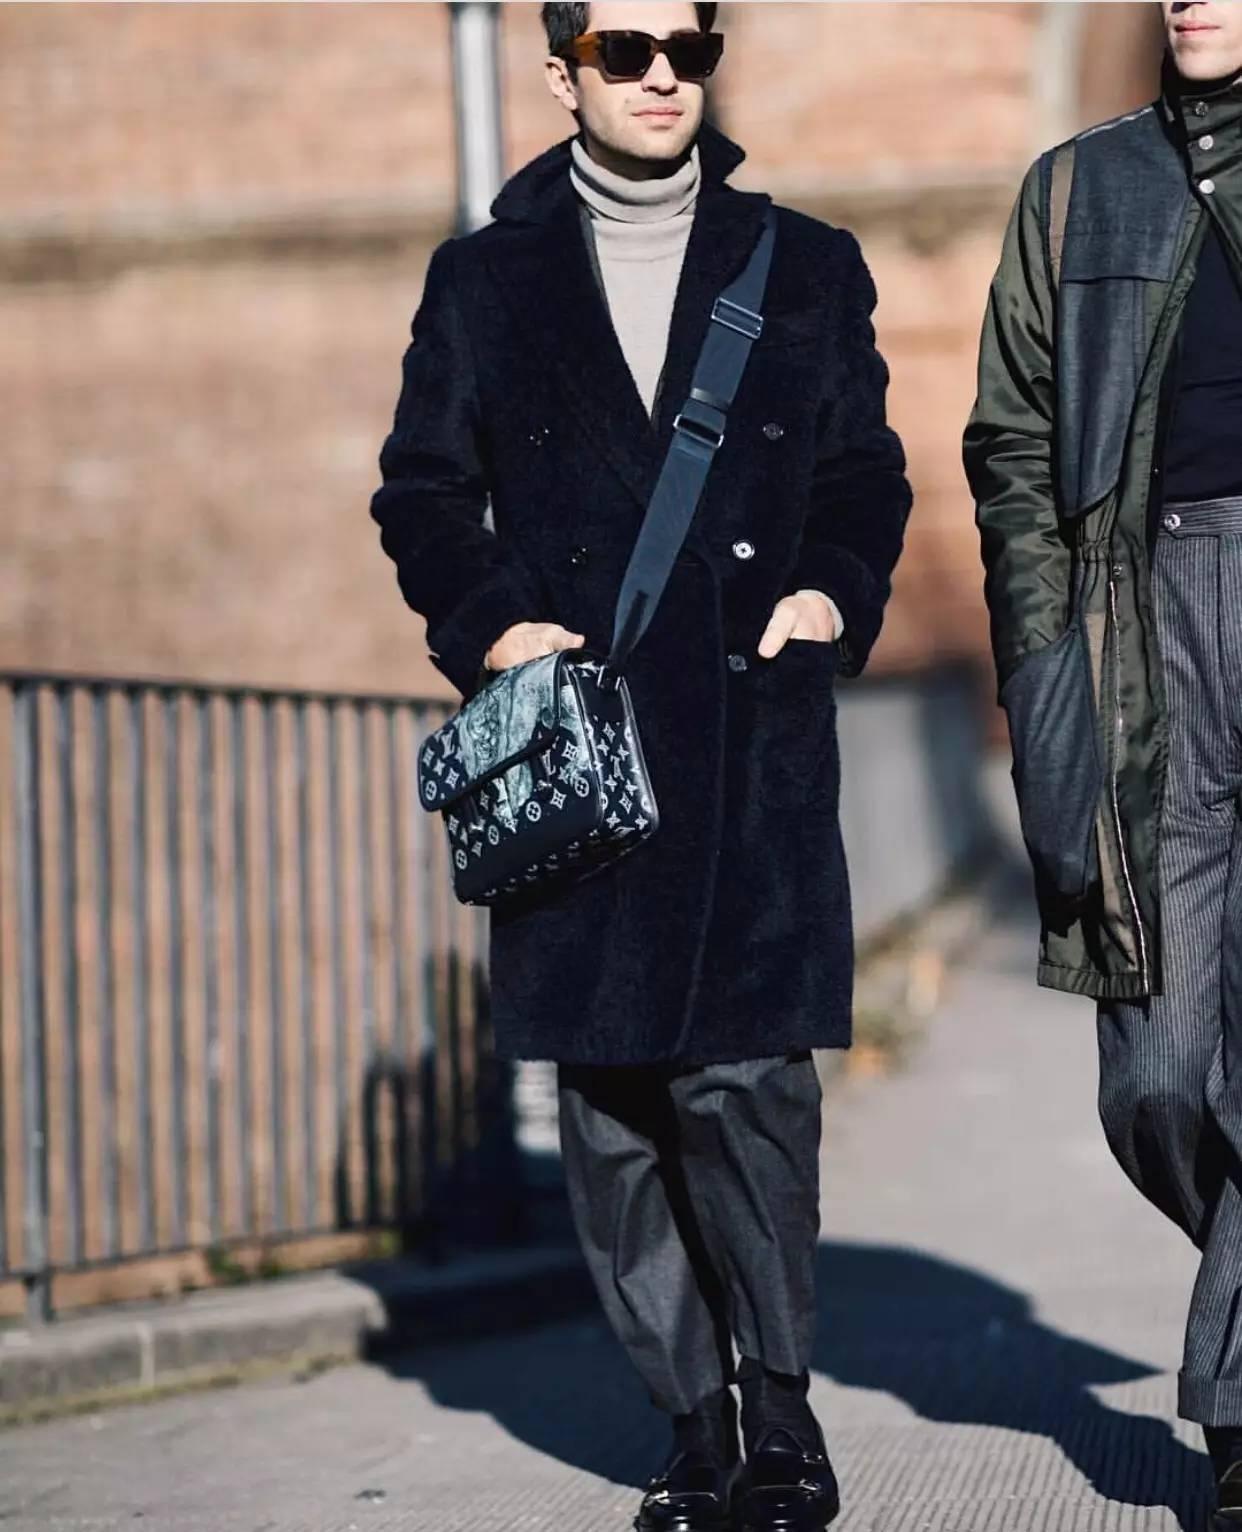 男人背小包真的就很娘吗?男士也很流行背小包 男士时尚 图14